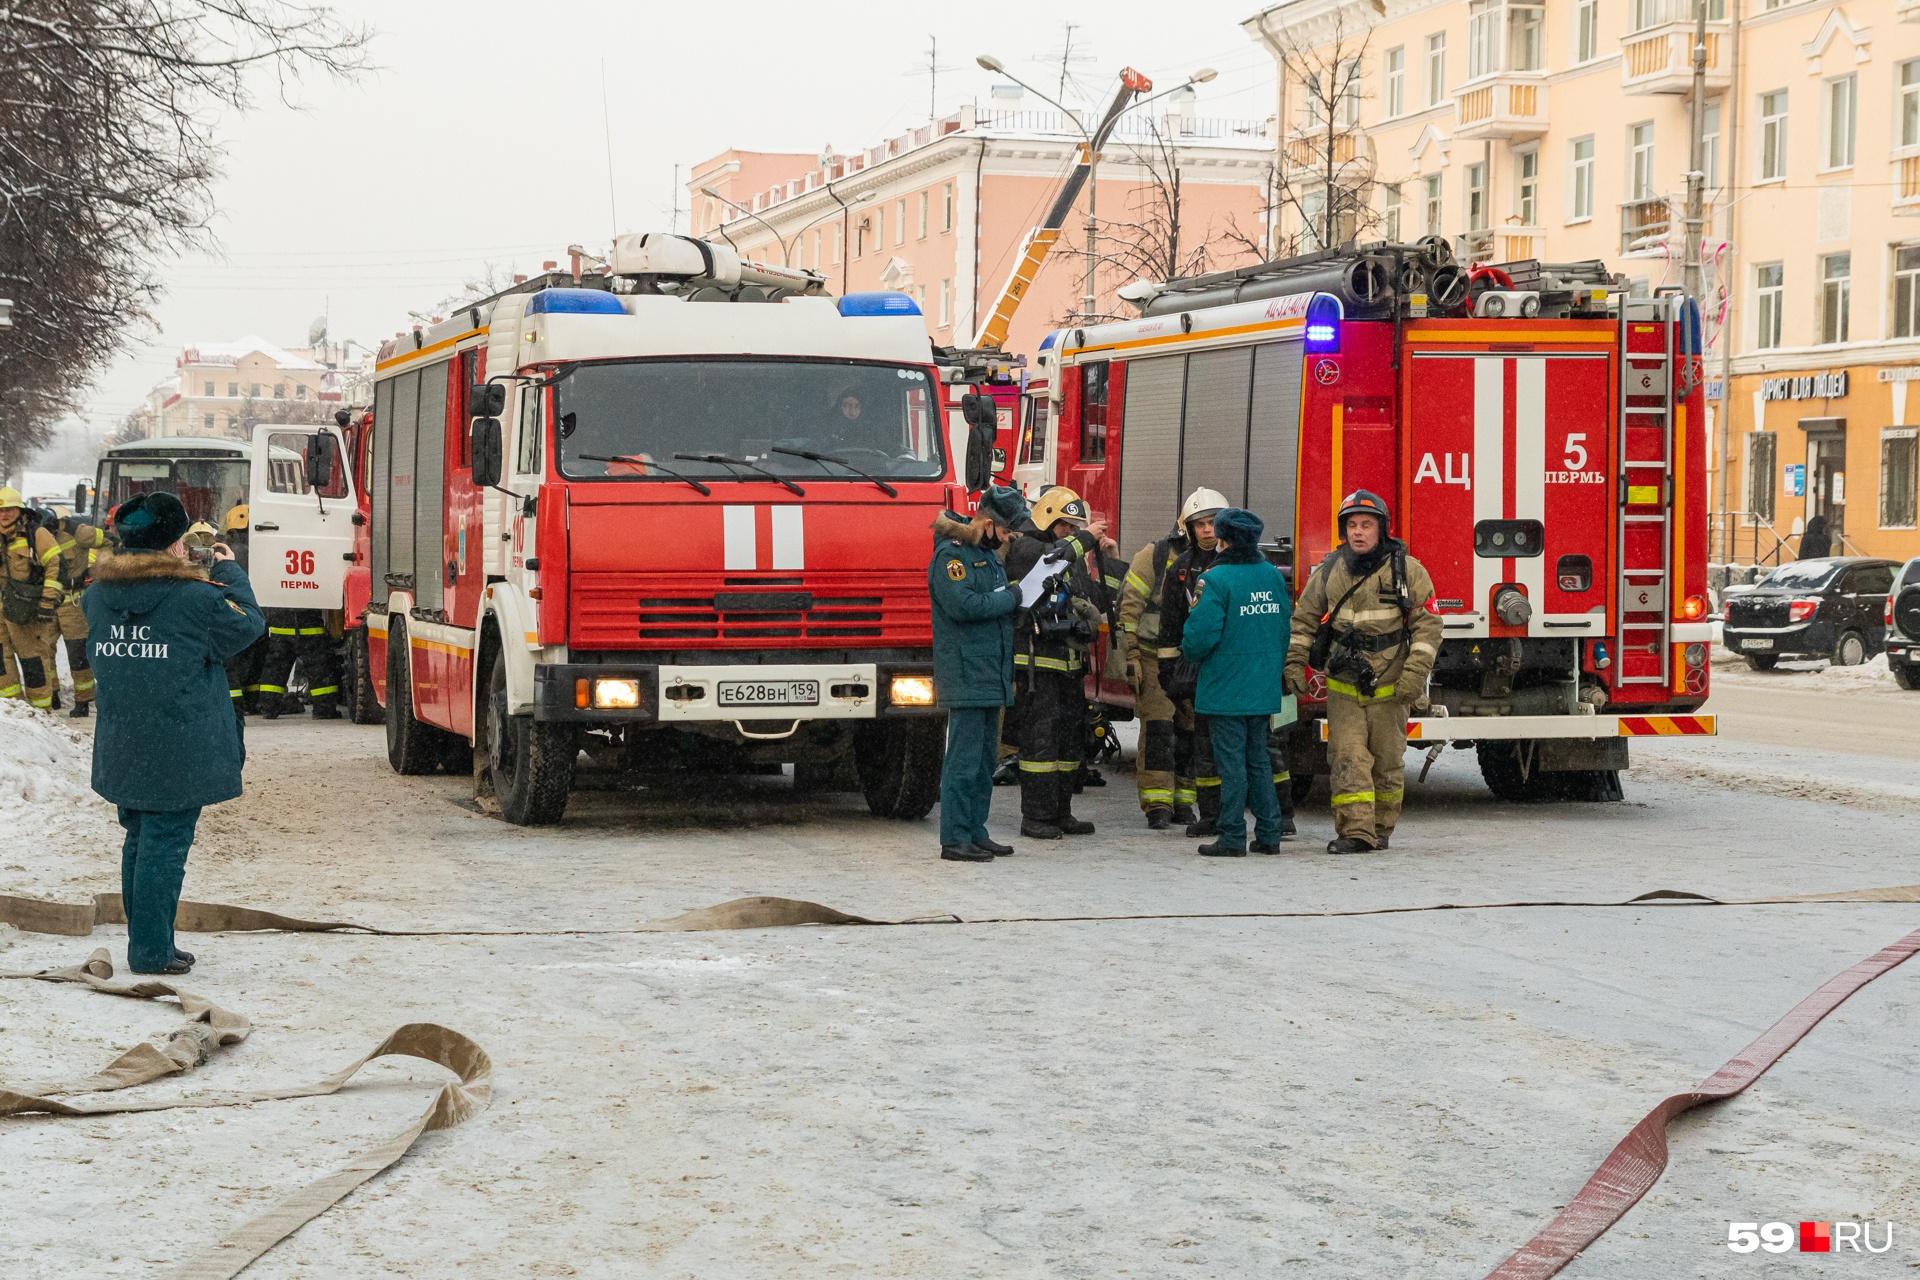 Пожарные машины встали на улице Ленина